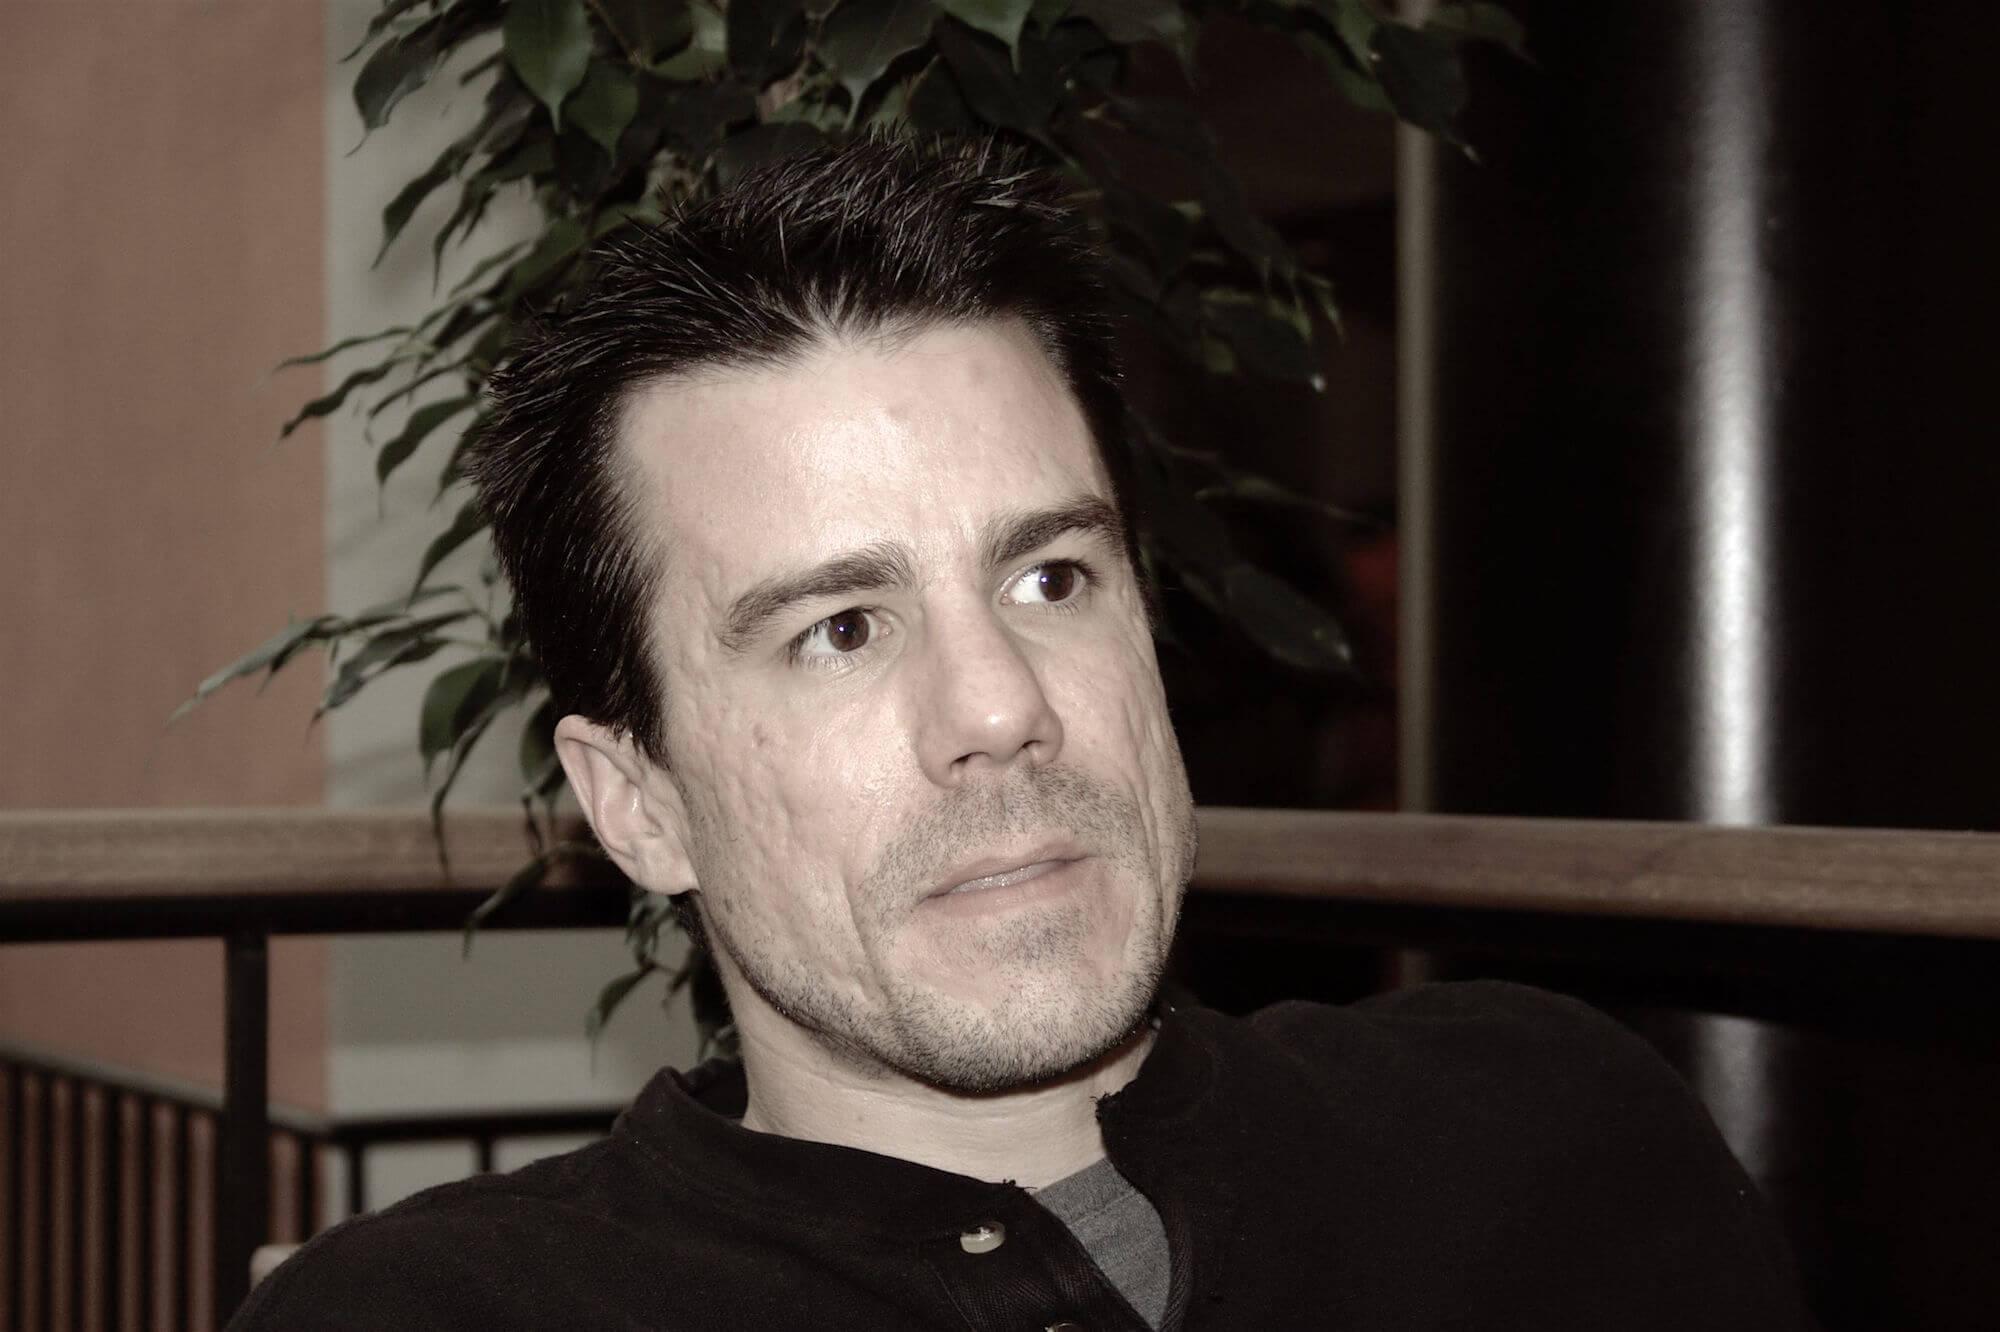 Кто есть кто в open source: биографии гиков - 2